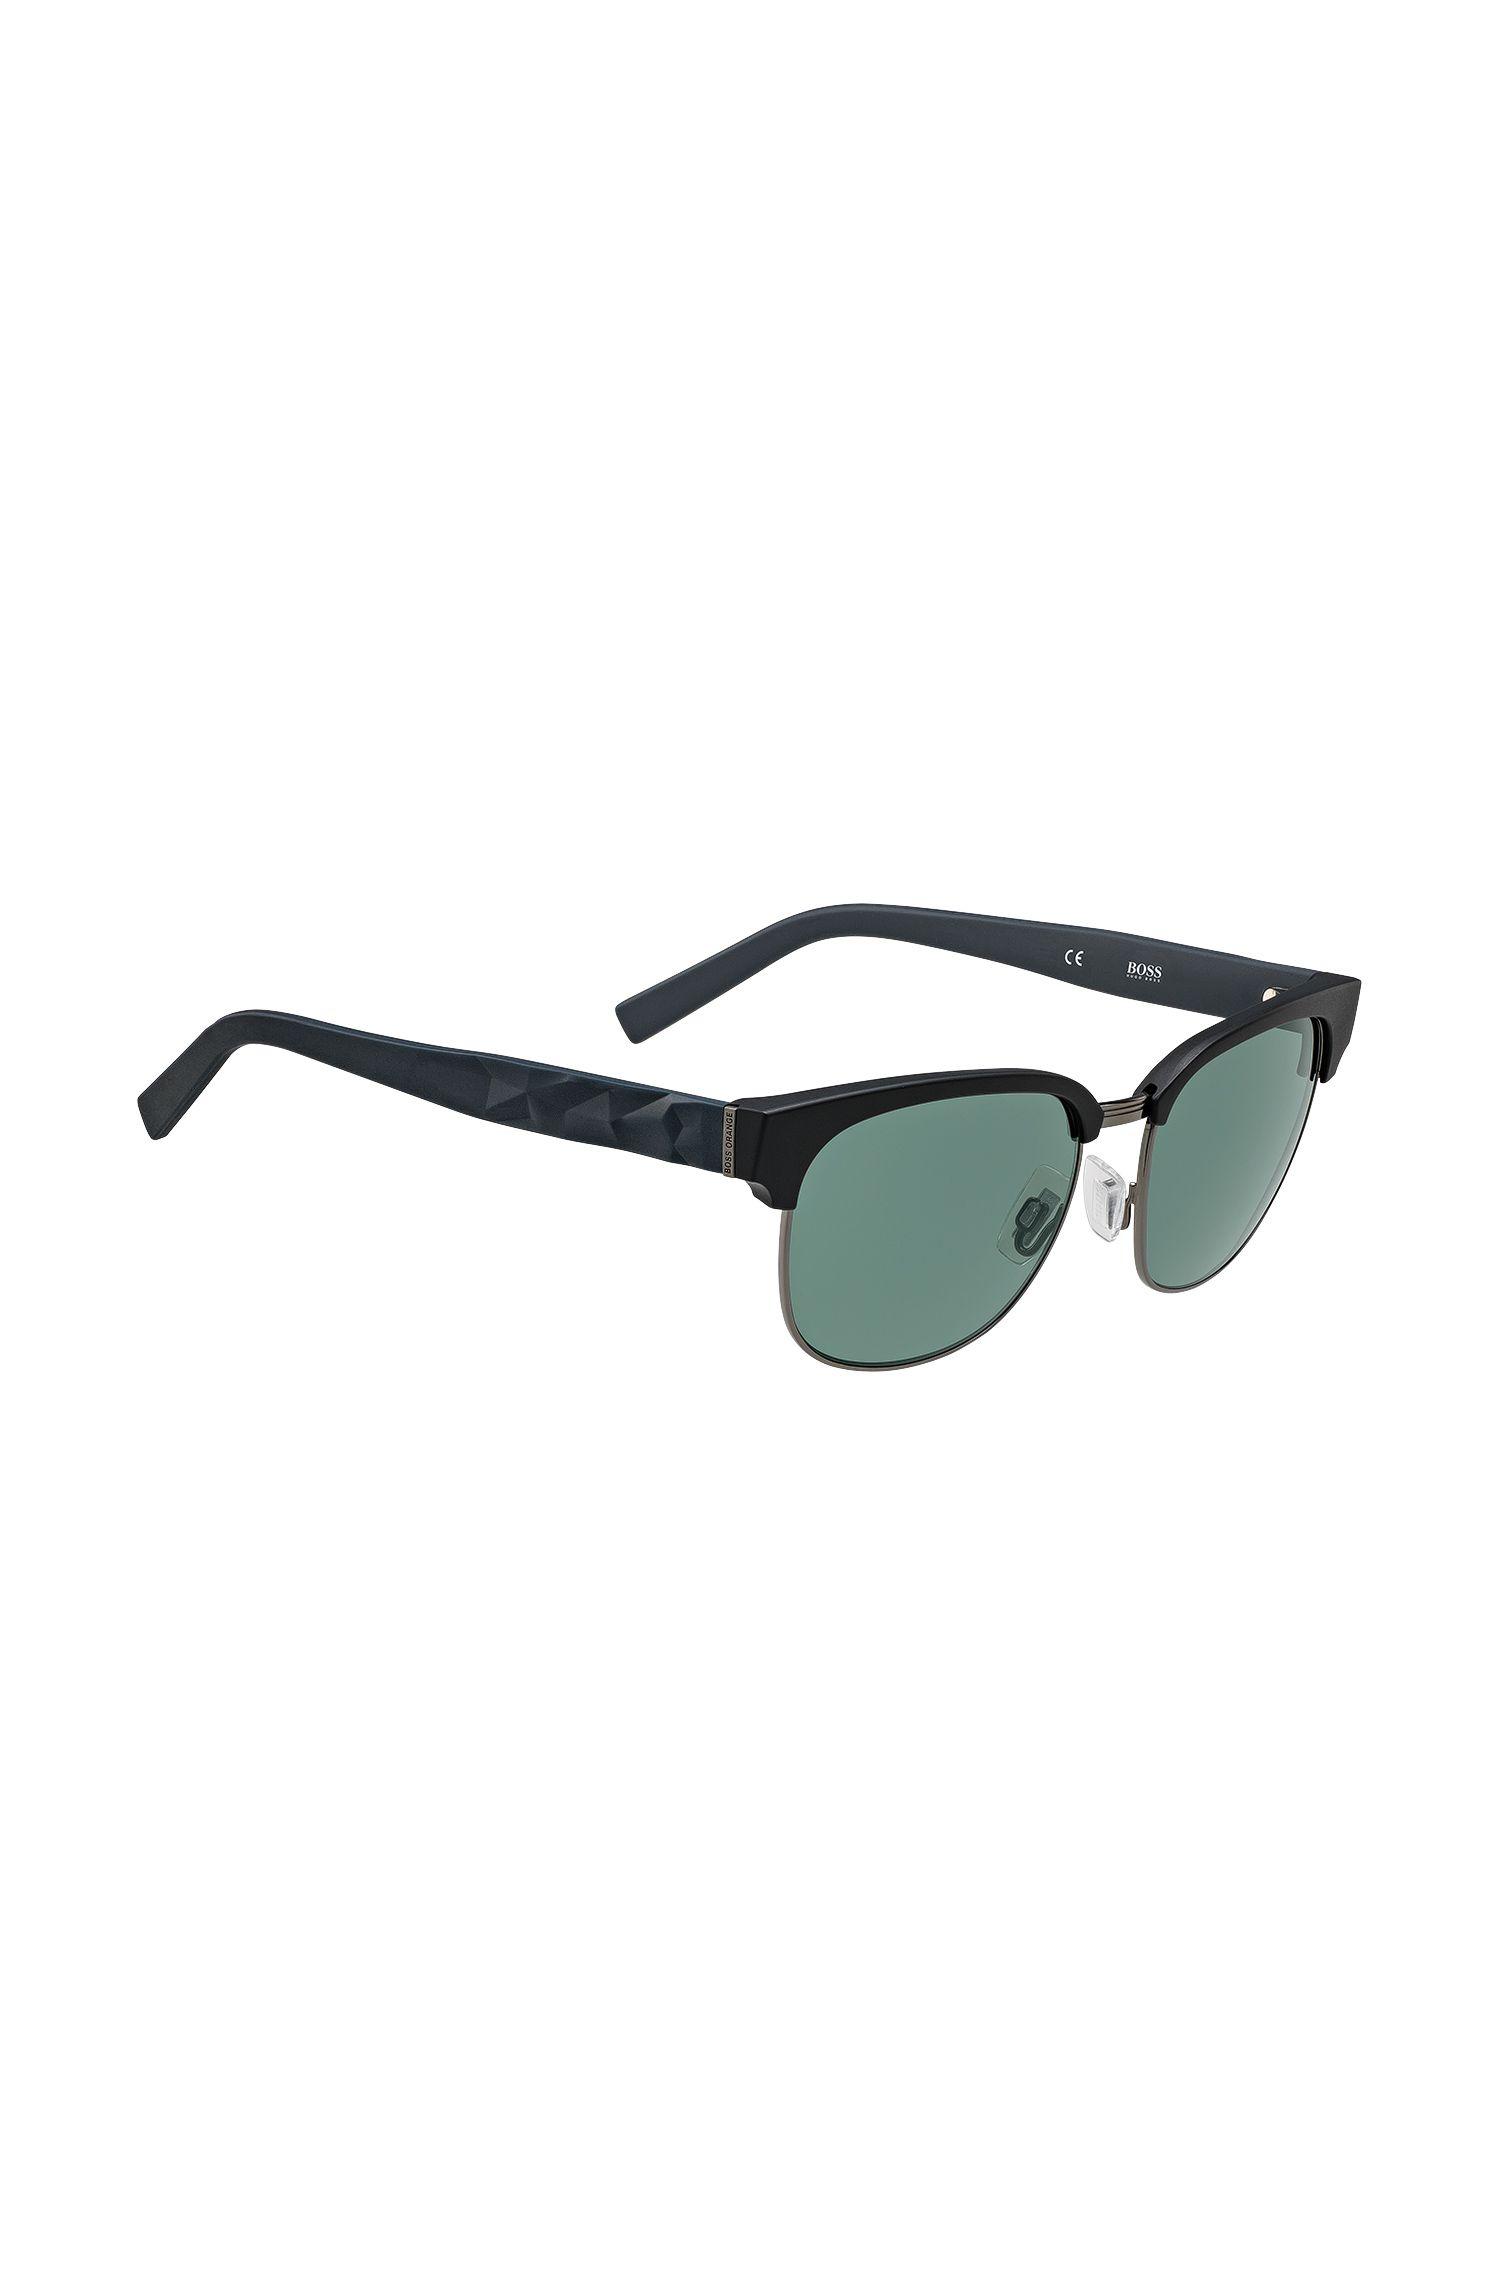 Gafas de sol: 'BO 0234/S'